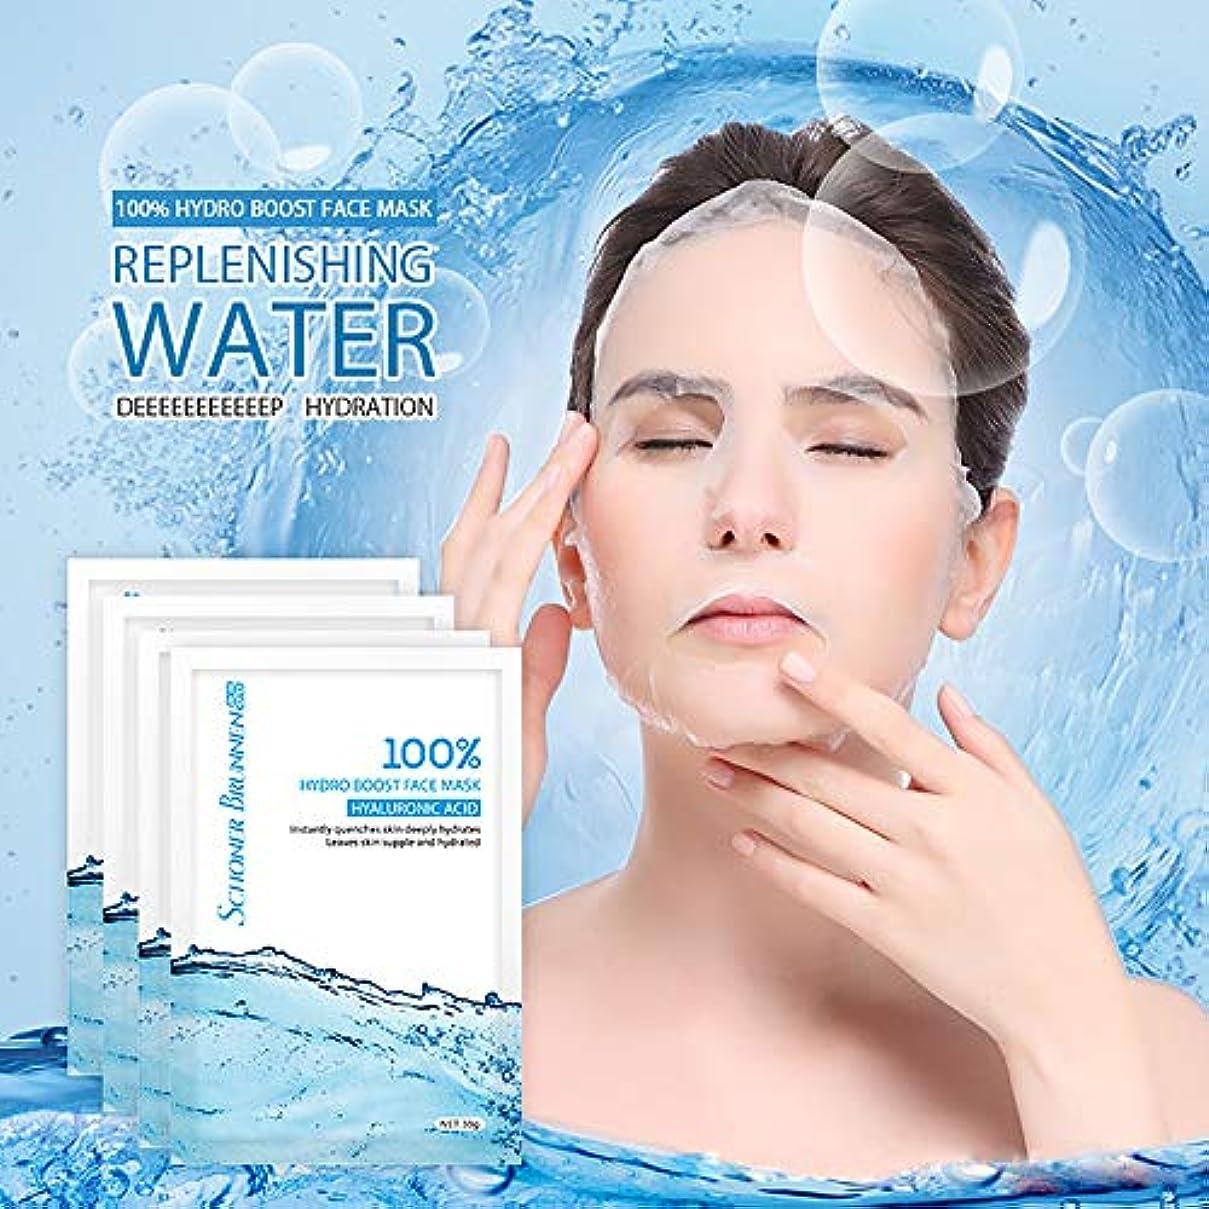 スローシールビバヒアルロン酸エッセンス保湿フェイシャルフェイスマスクシート、フェイスマスクによるディープモイスチャライジング、幹細胞抽出物によるアンチエイジングアンチリンクル